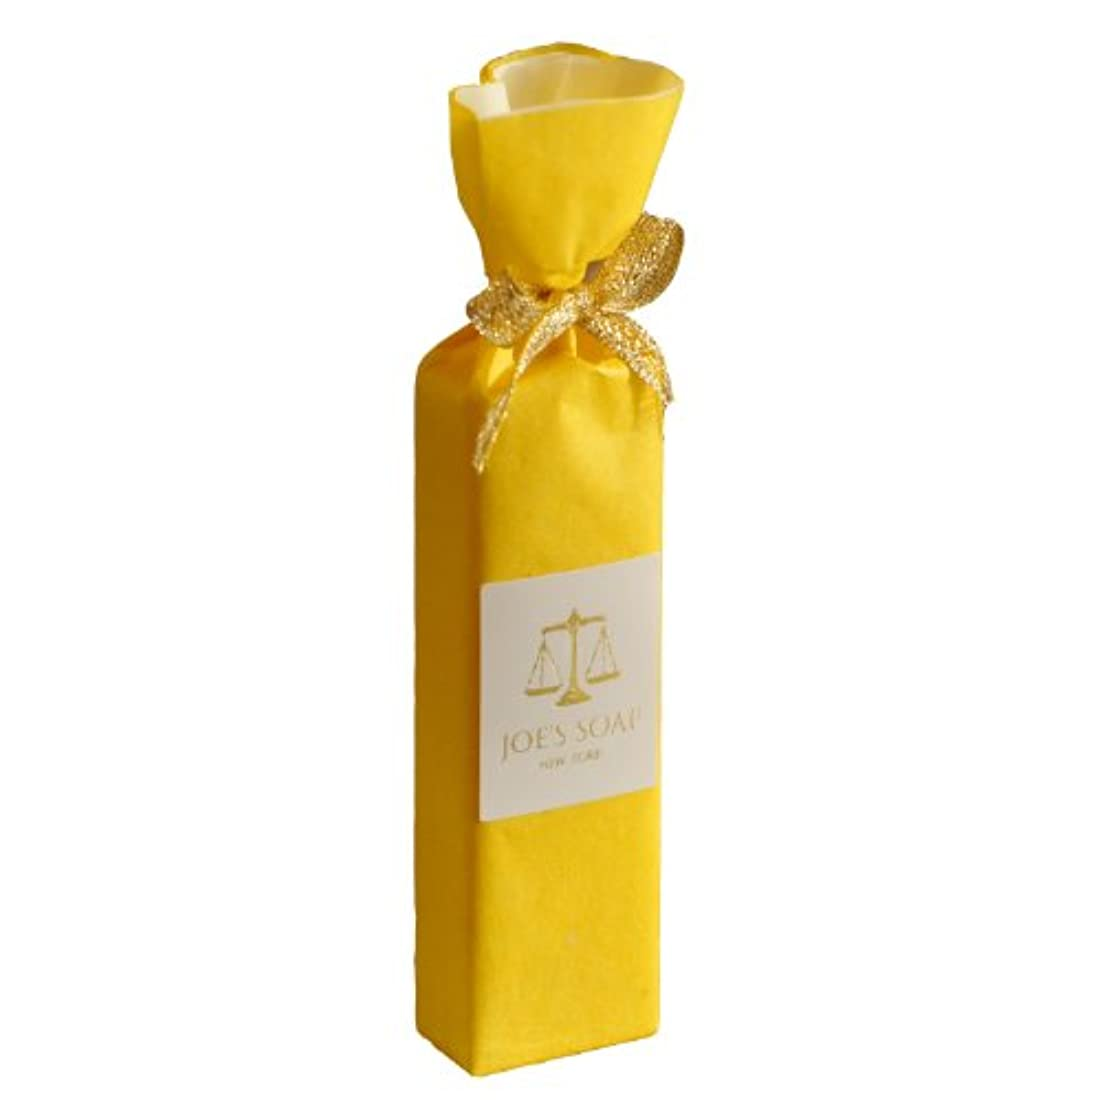 降雨店員伝染病JOE'S SOAP ジョーズソープ オリーブソープ NO.6 CHAMOMILE カモミール 20g トライアル お試し無添加 オーガニック 石鹸 洗顔 保湿